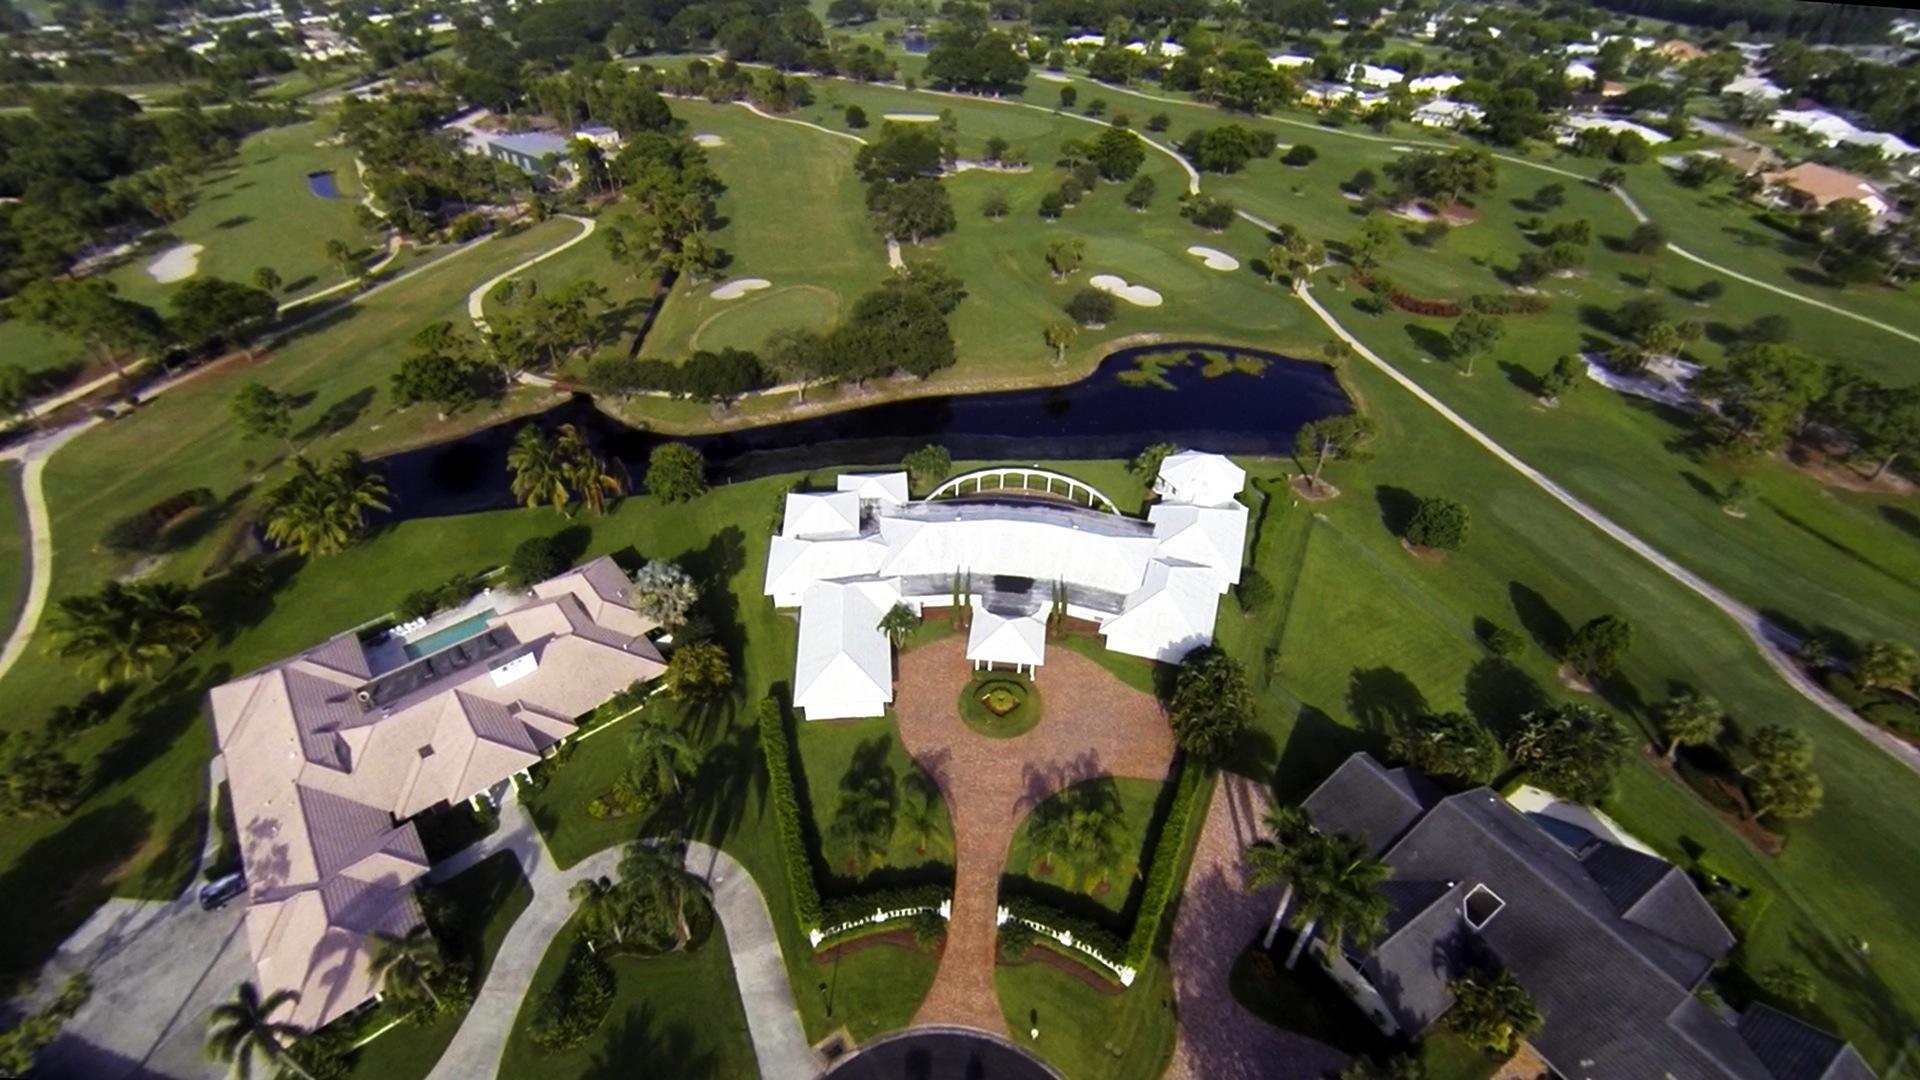 600 Atlantis Estates Way, Atlantis, Florida 33462, 7 Bedrooms Bedrooms, ,7.2 BathroomsBathrooms,Single Family,For Sale,Atlantis Estates,RX-10544530